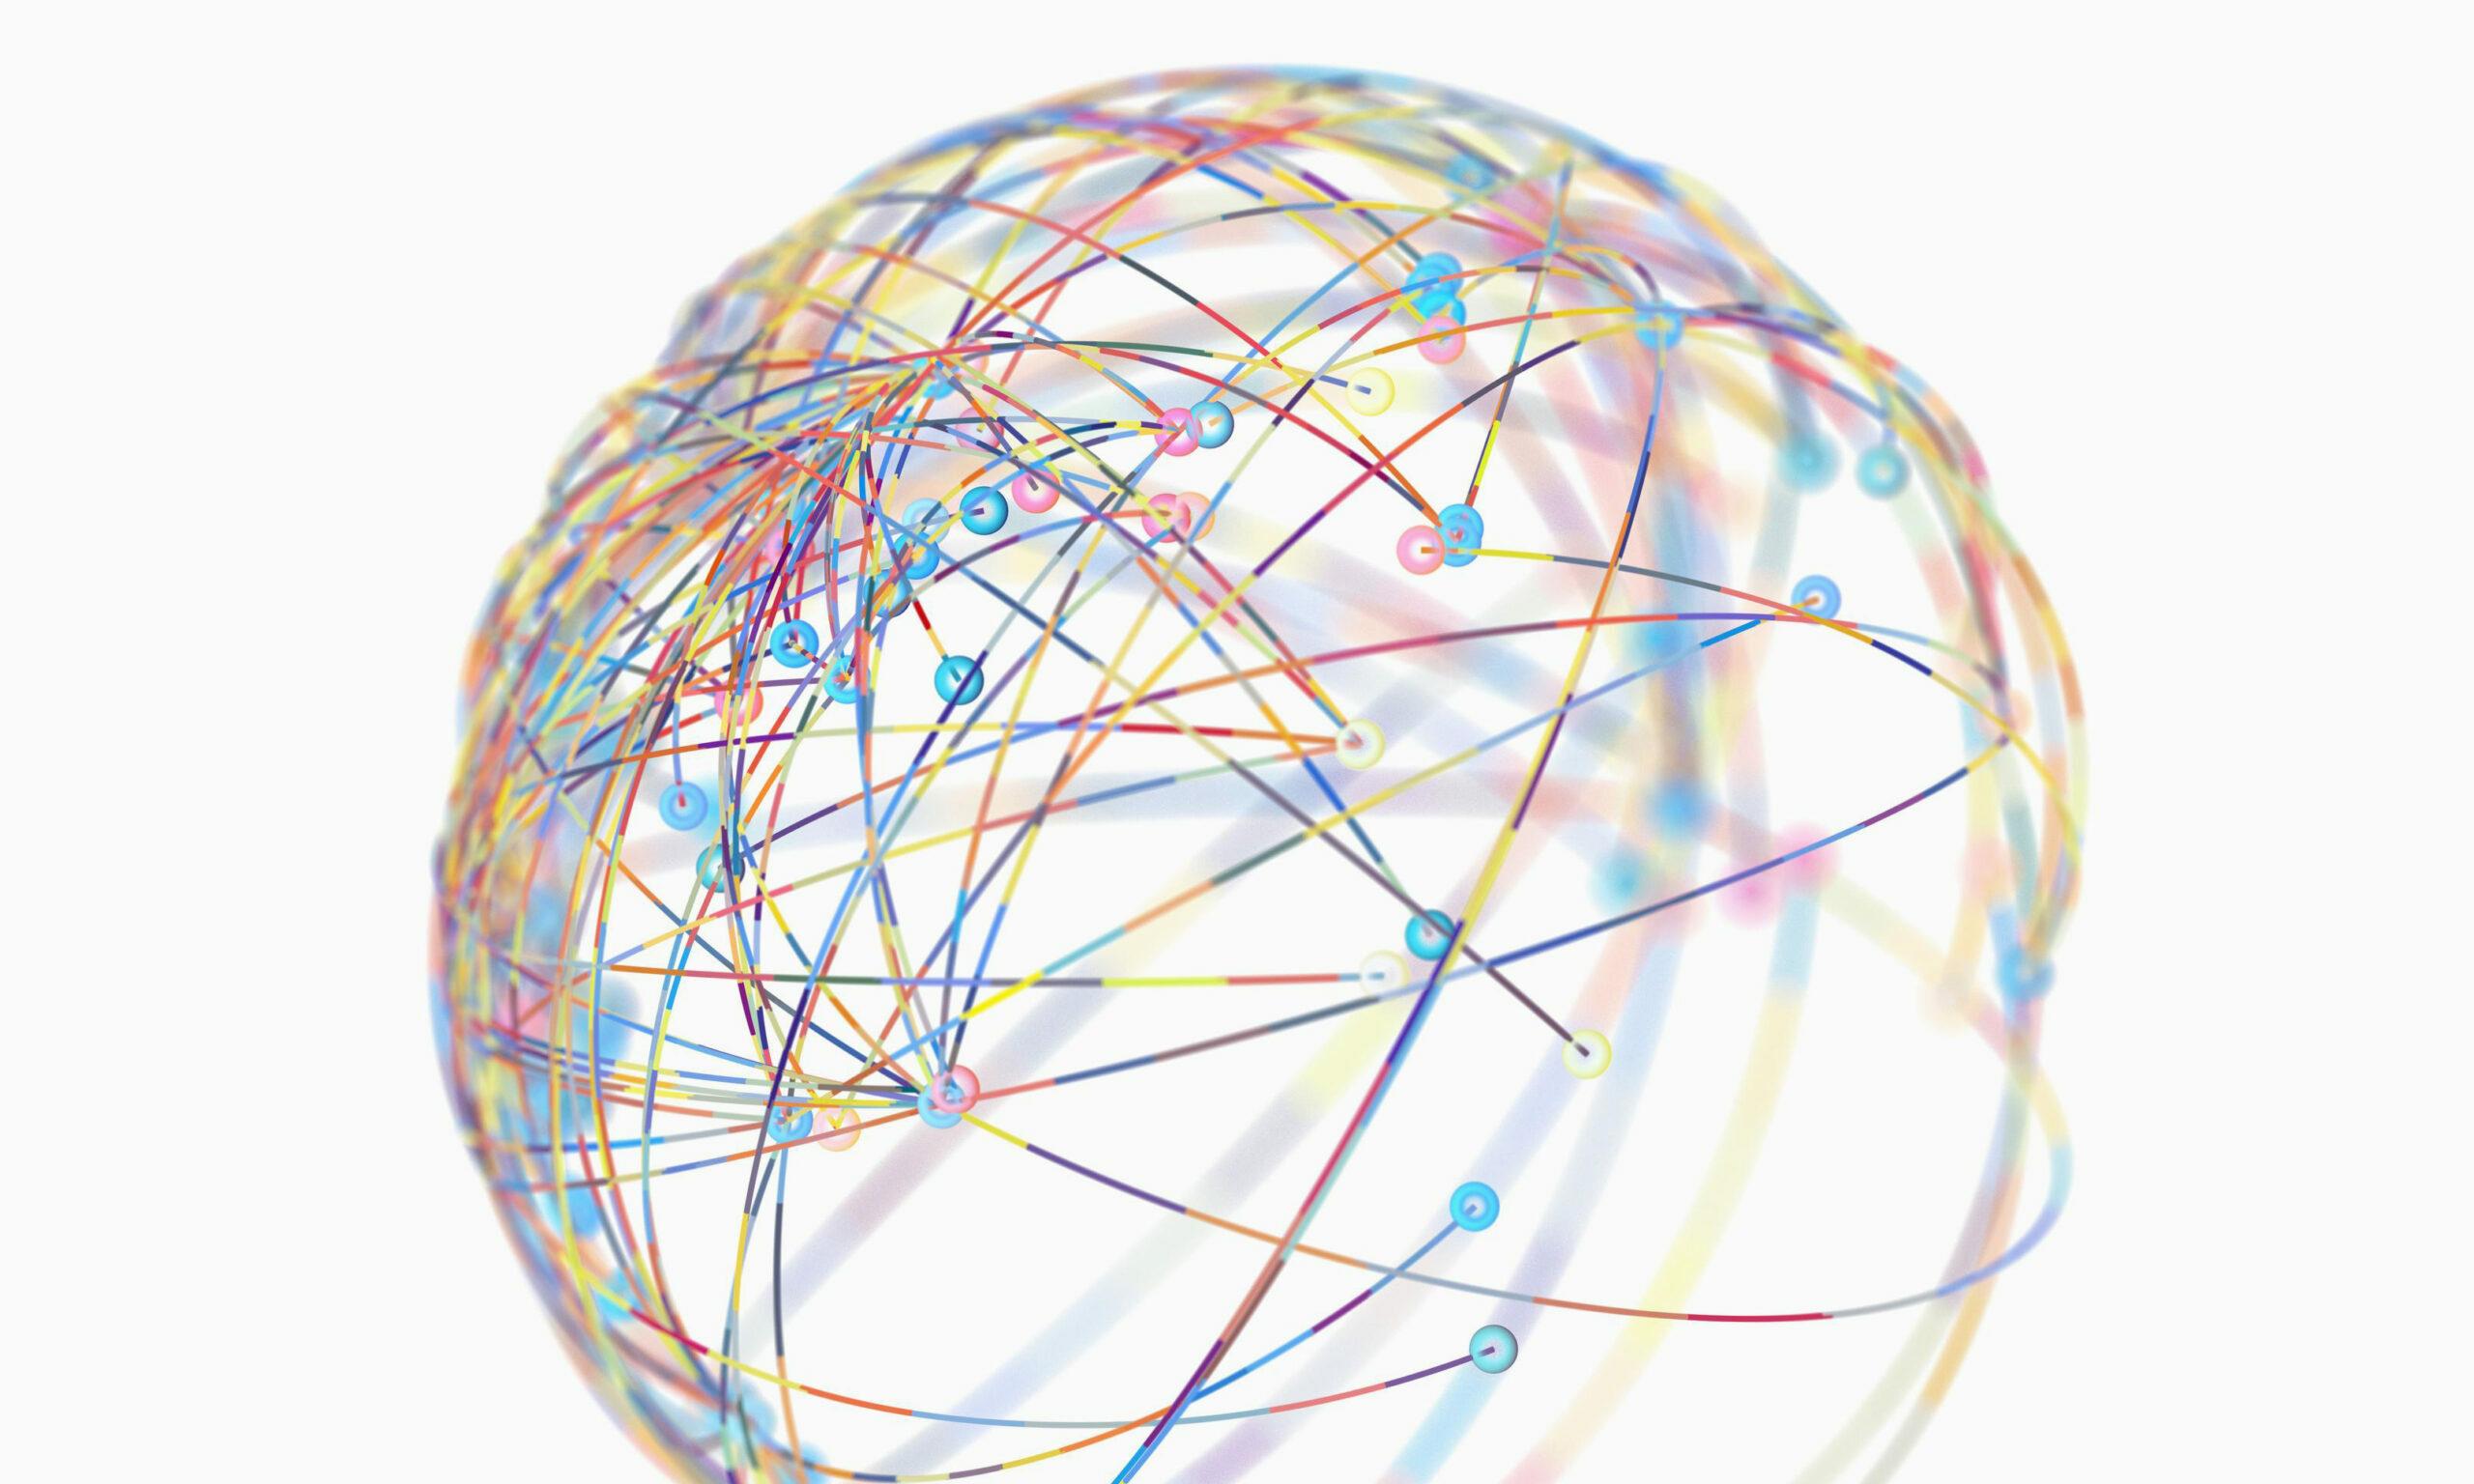 Kugelförmiges Netzwerk